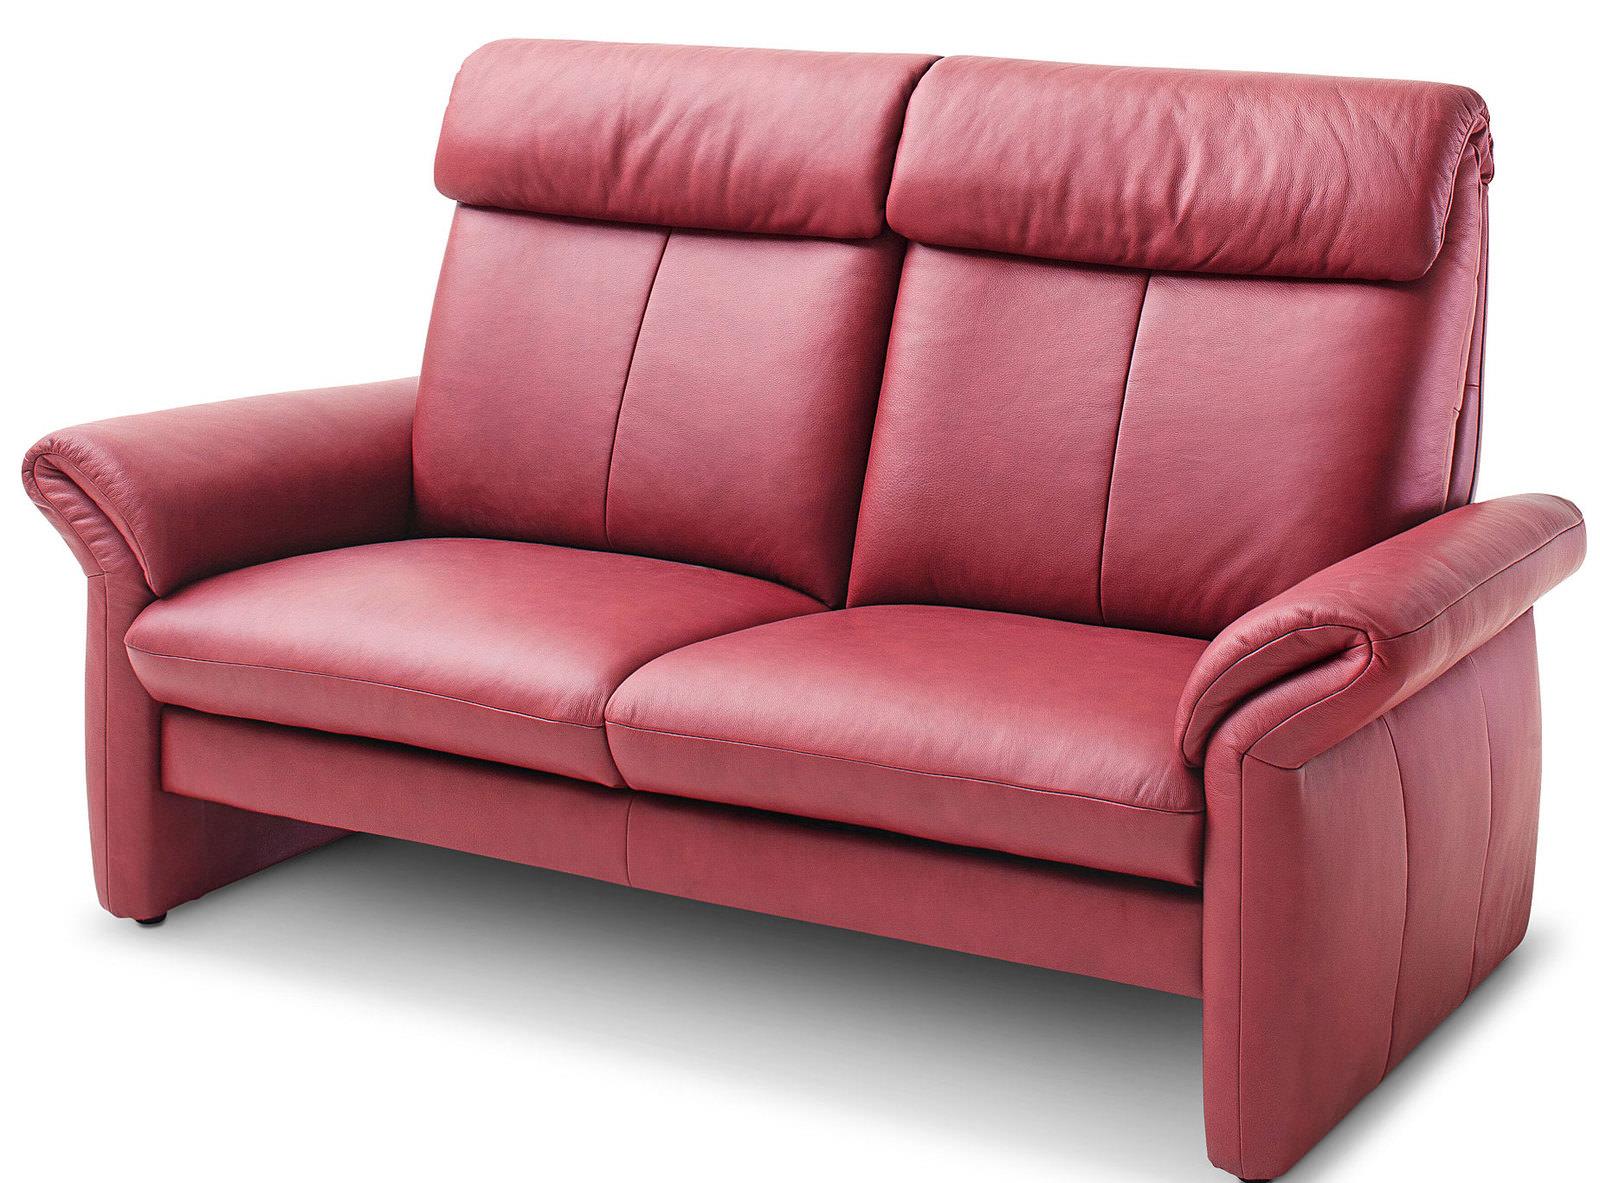 Mondo 3 Sitzer Sofa Online Entdecken Schaffrath Ihr Möbelhaus